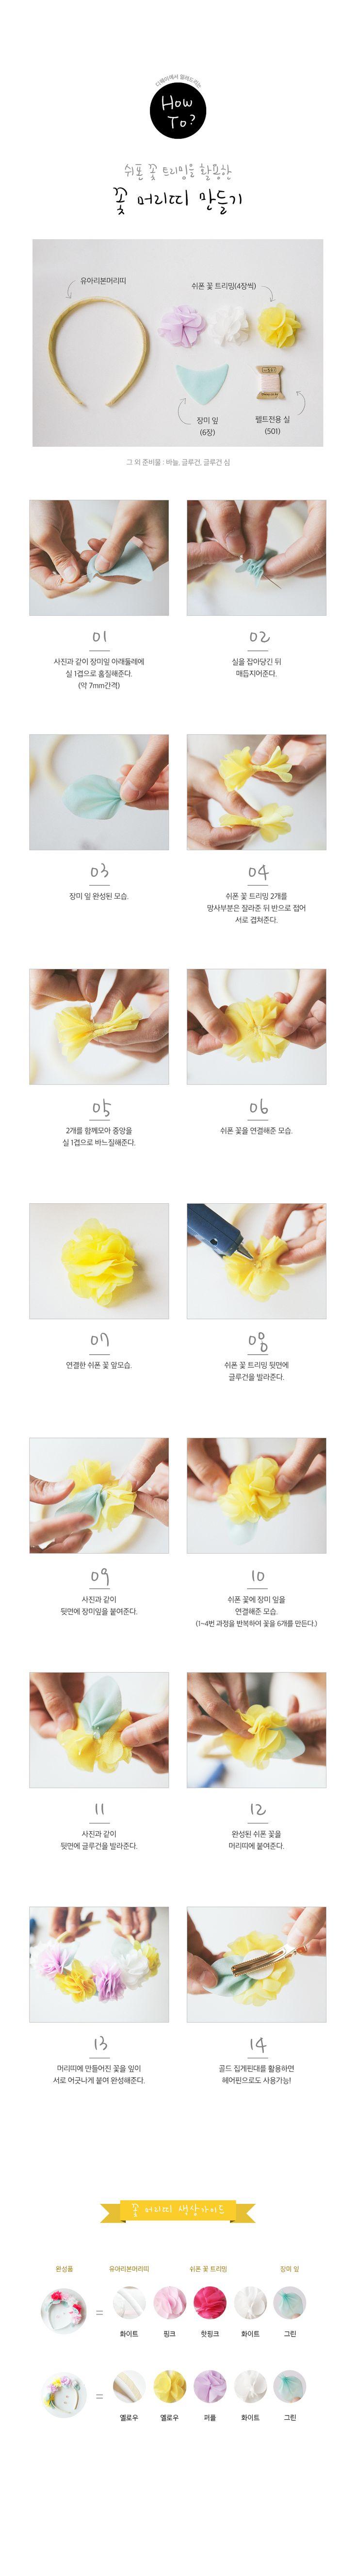 디웨이 펠트 재료 수공예 #DIY 쉬폰 꽃 머리띠 만들기 chiffon flower headband how to